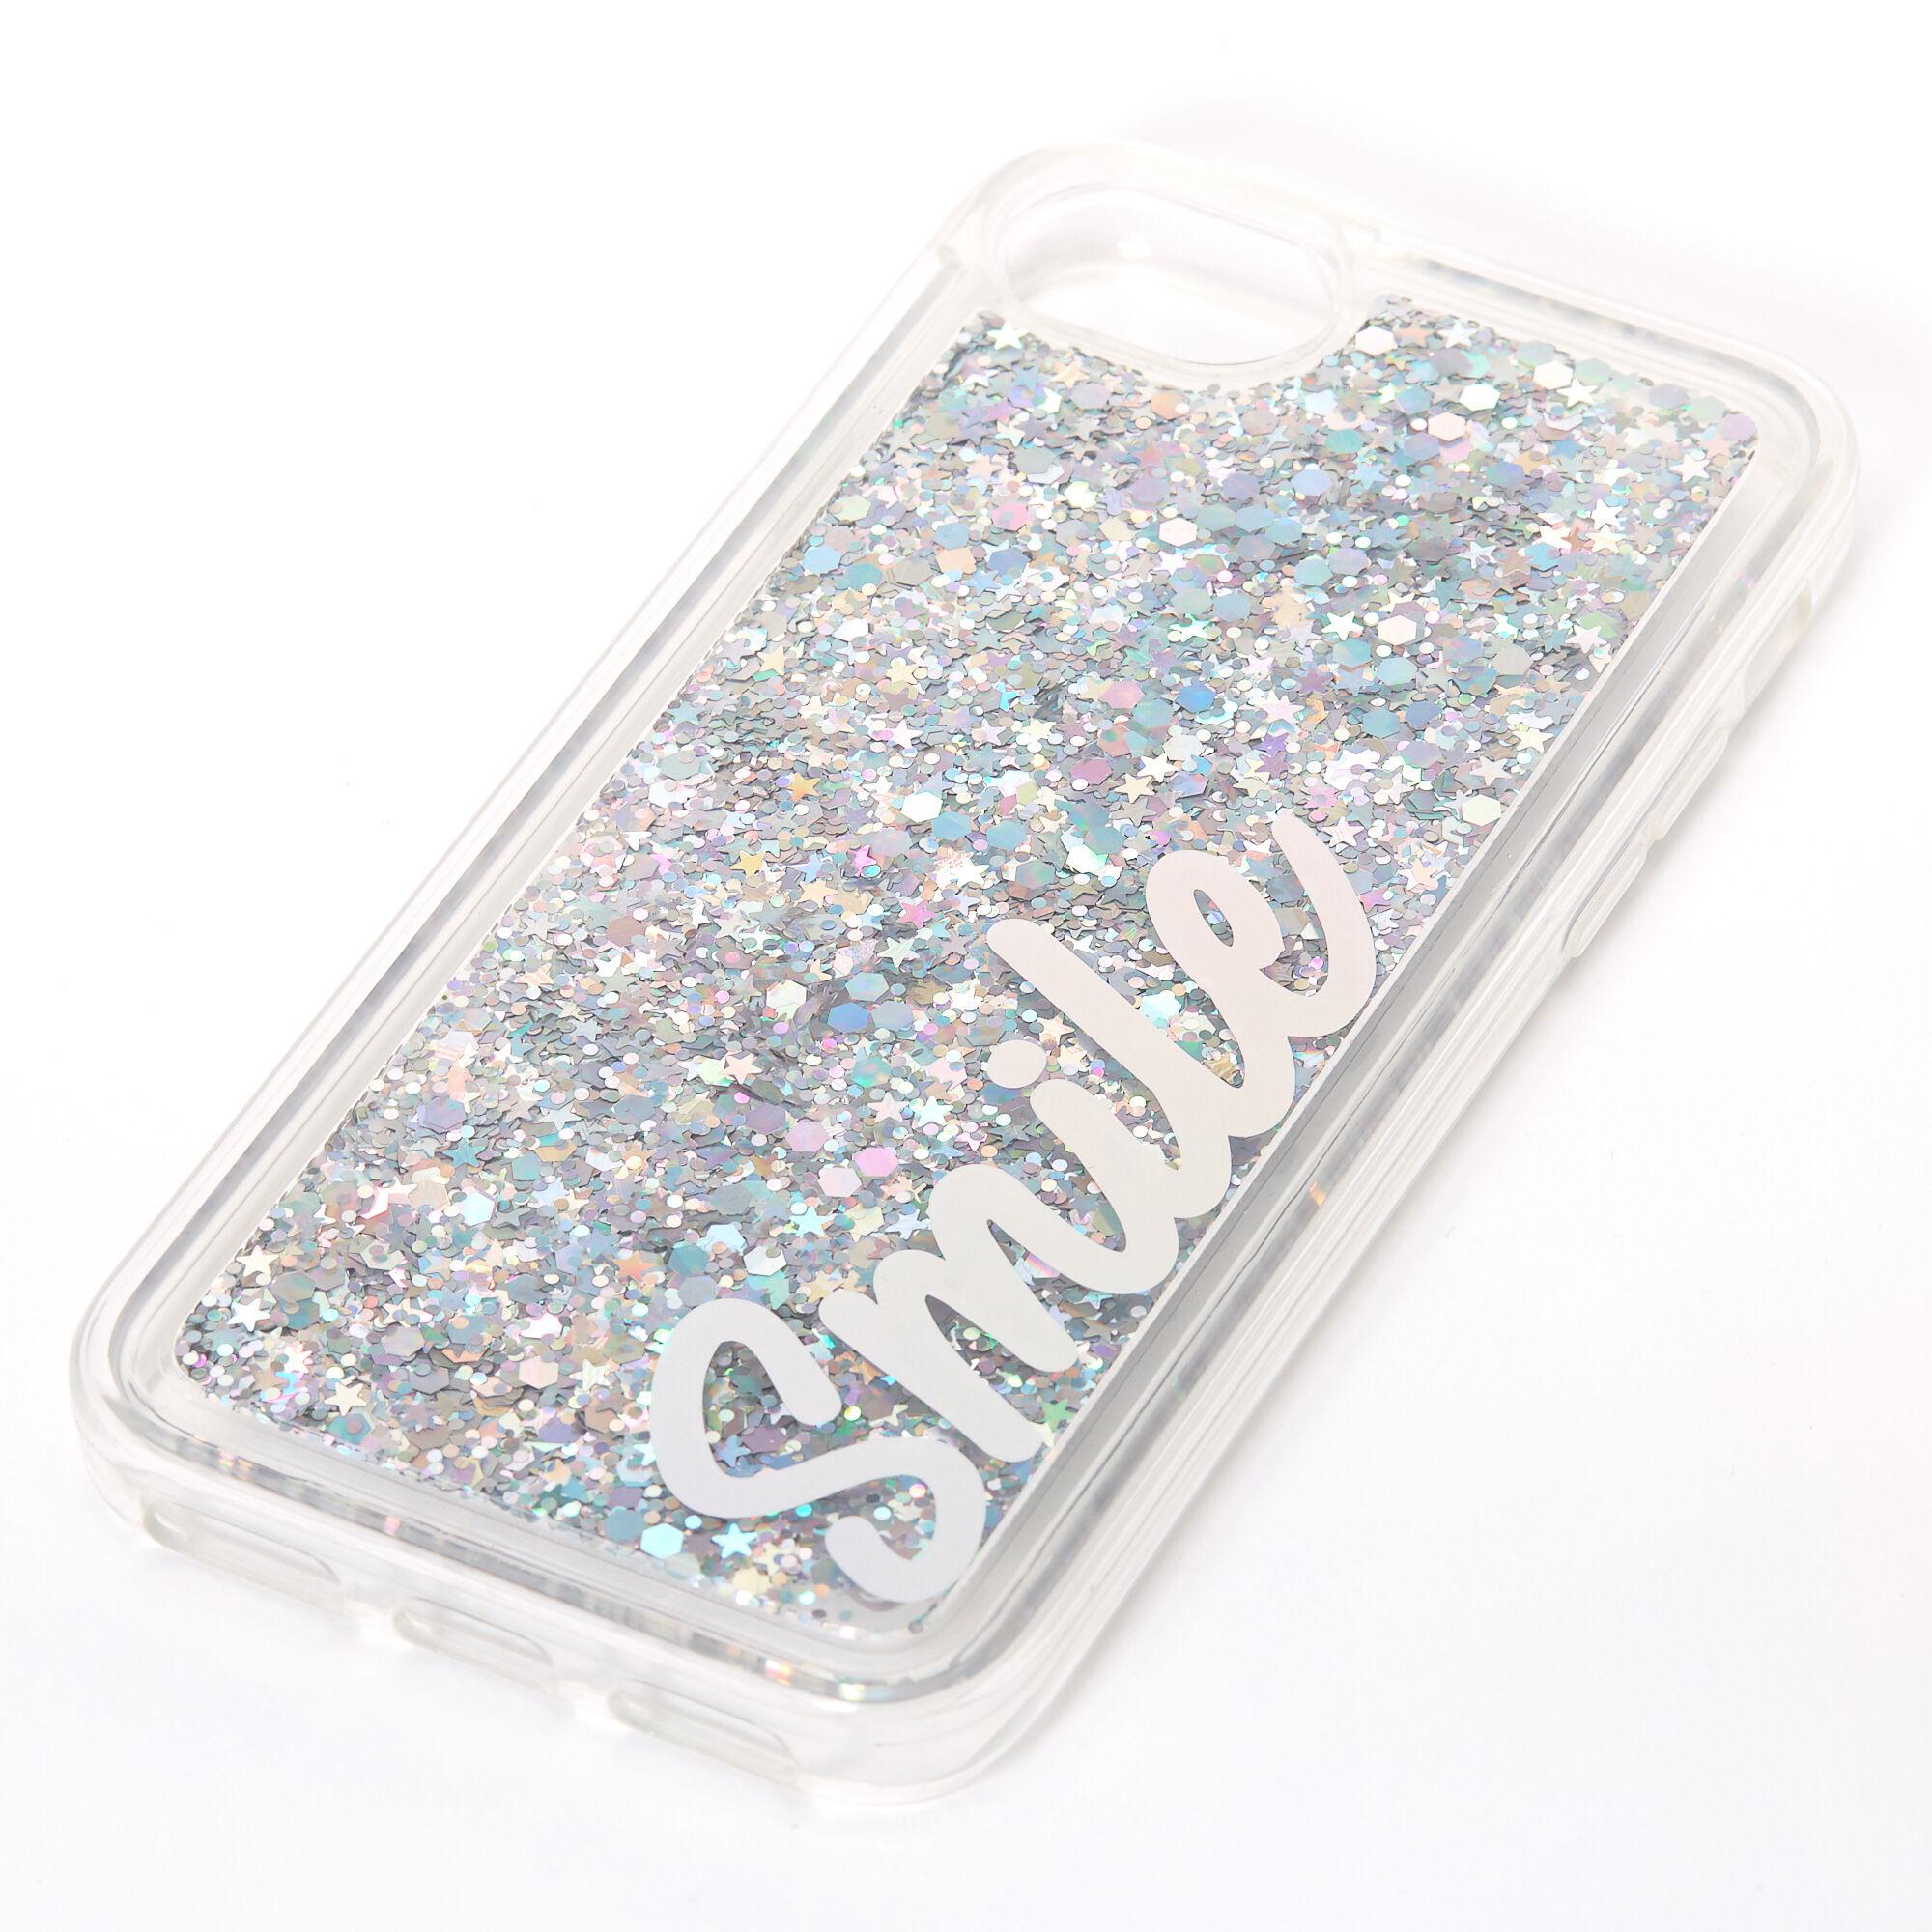 Coque de portable « Smile » remplie de liquide à paillettes argentées - Compatible avec iPhone 6/7/8/SE